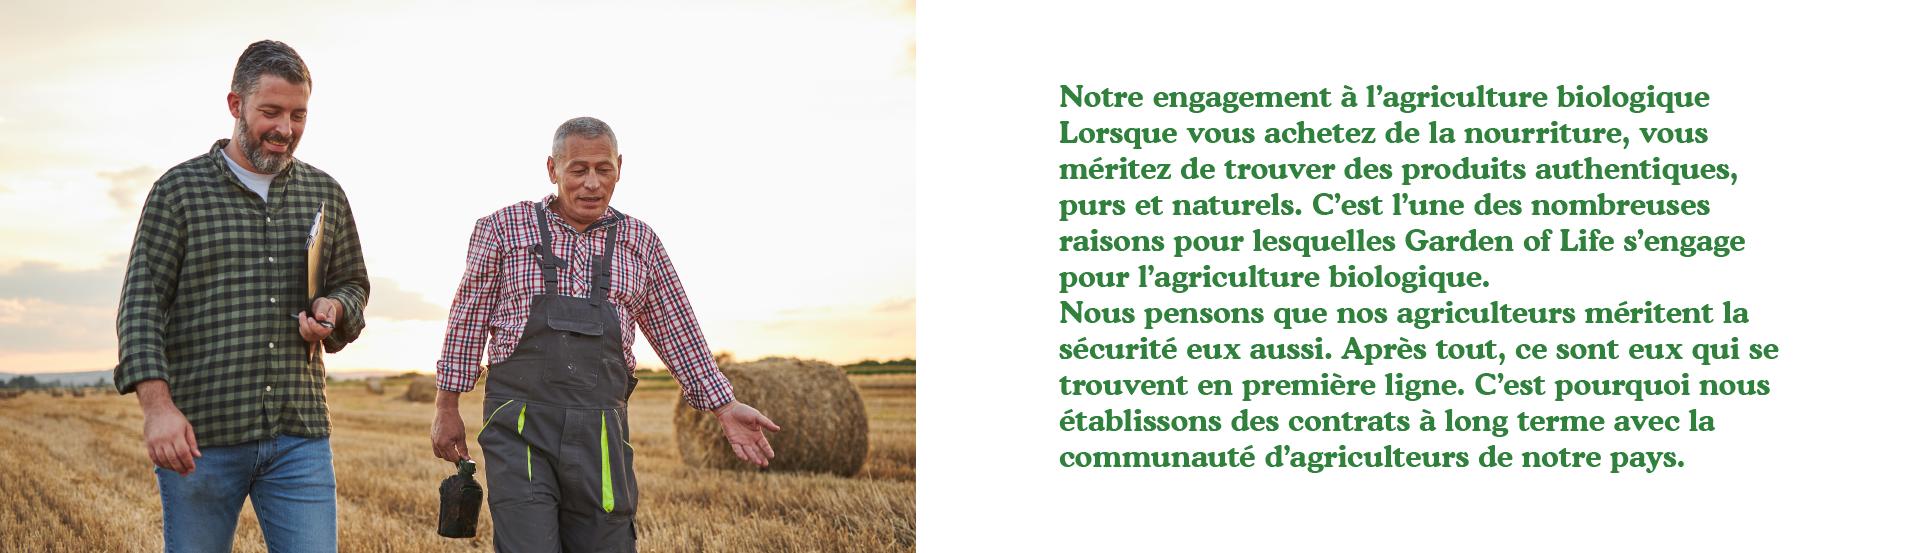 Notre engagement en faveur de l'agriculture biologique